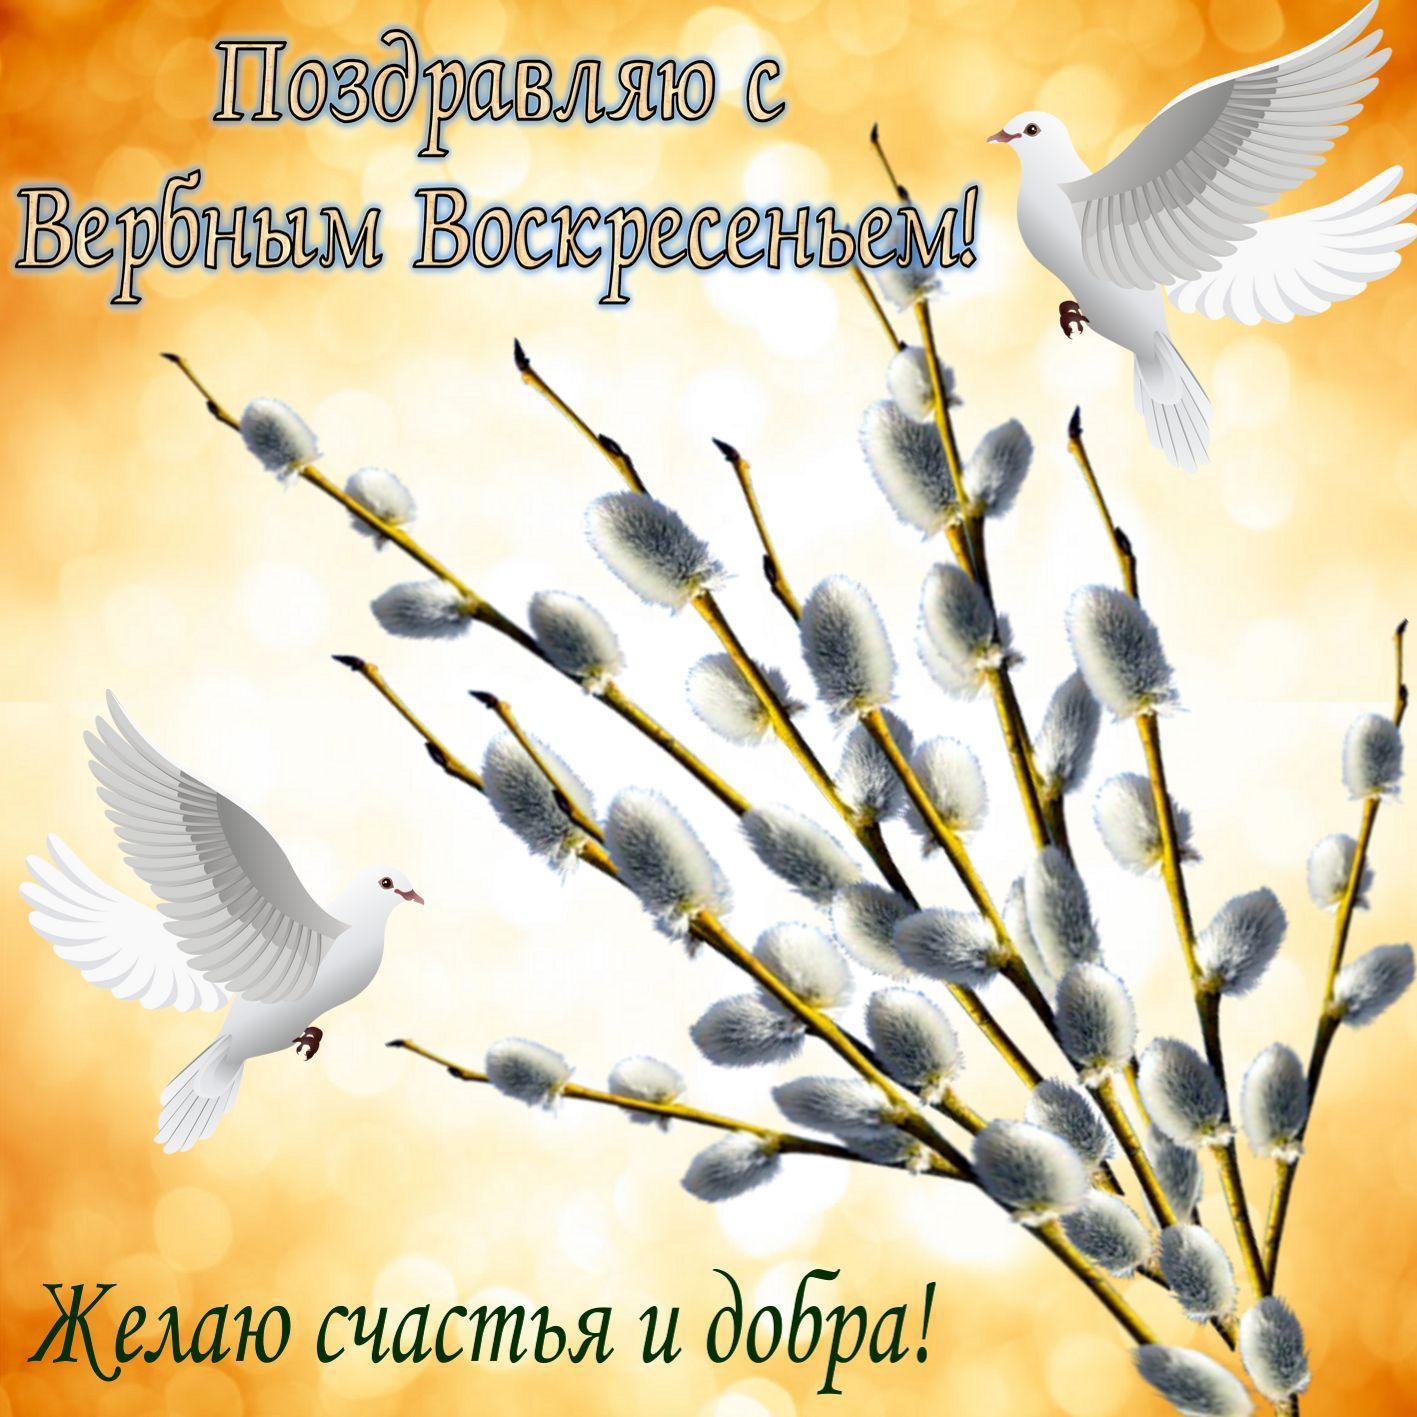 Фото Вербное воскресенье 25 апреля: красивые открытки и душевные поздравления 11